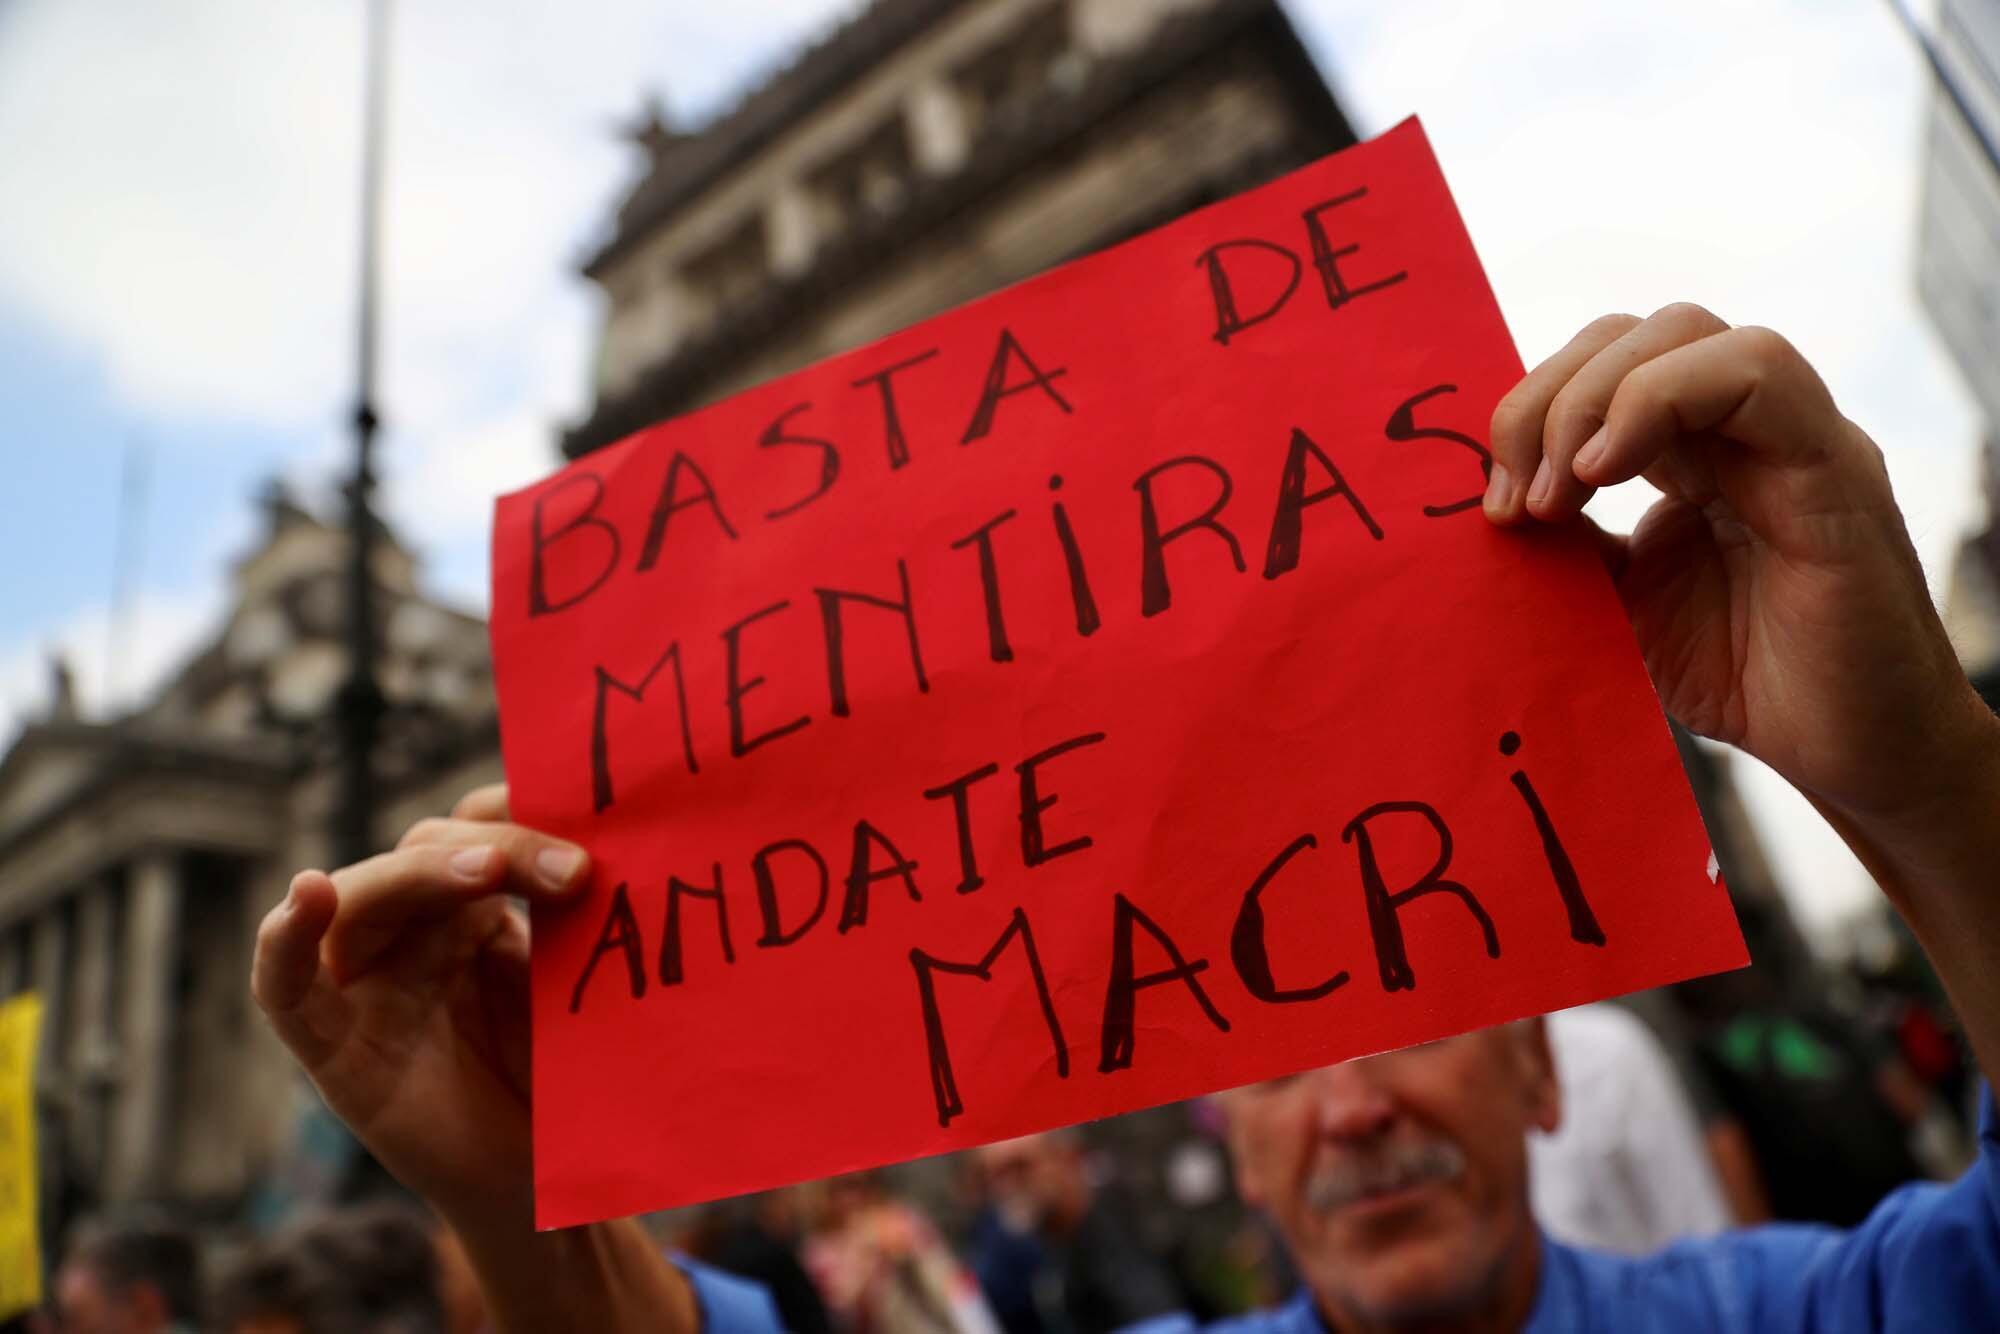 «Assez de mensonges, Macri s'en va» peut-on lire sur une pancarte lors d'une manifestation contre les mesures d'austérité du gouvernement devant le Congrès à Buenos Aires, Argentine, le 17 septembre 2018.